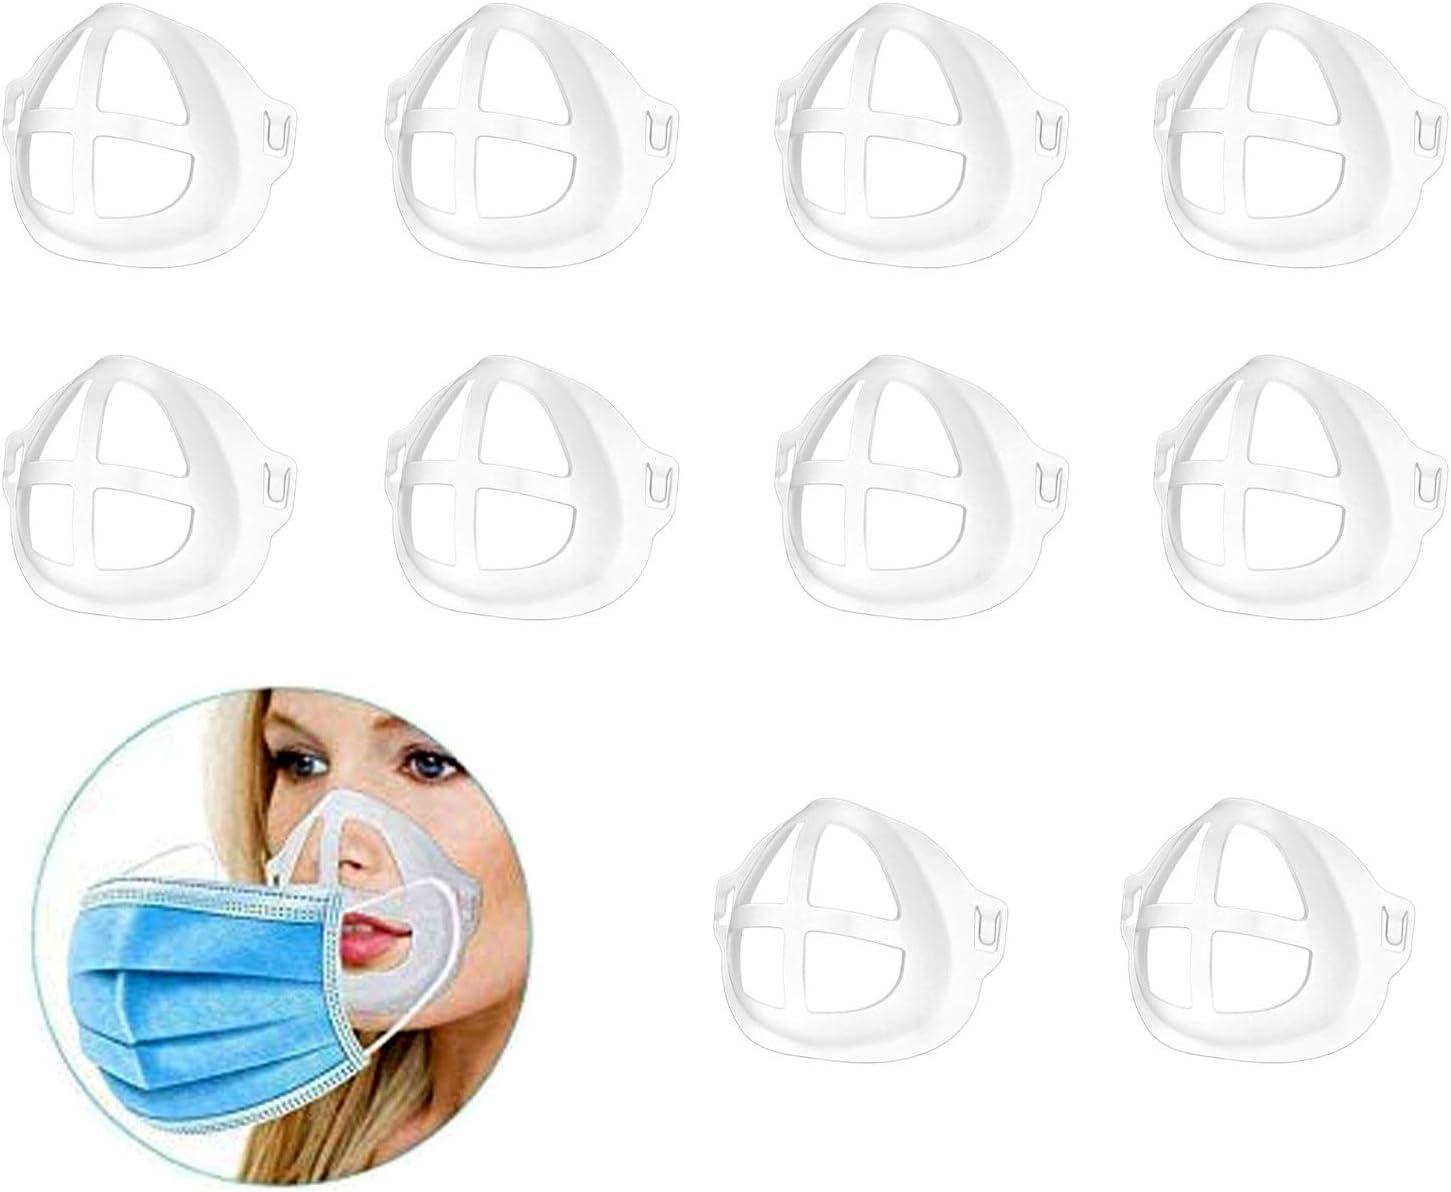 SHEGRACE Marco de Soporte Interior 3D Bracket, Puede Usar Una Máscara, Soporte de Silicona Fresco, Cómodo de Respirar, se Puede Lavar y Reutilizar